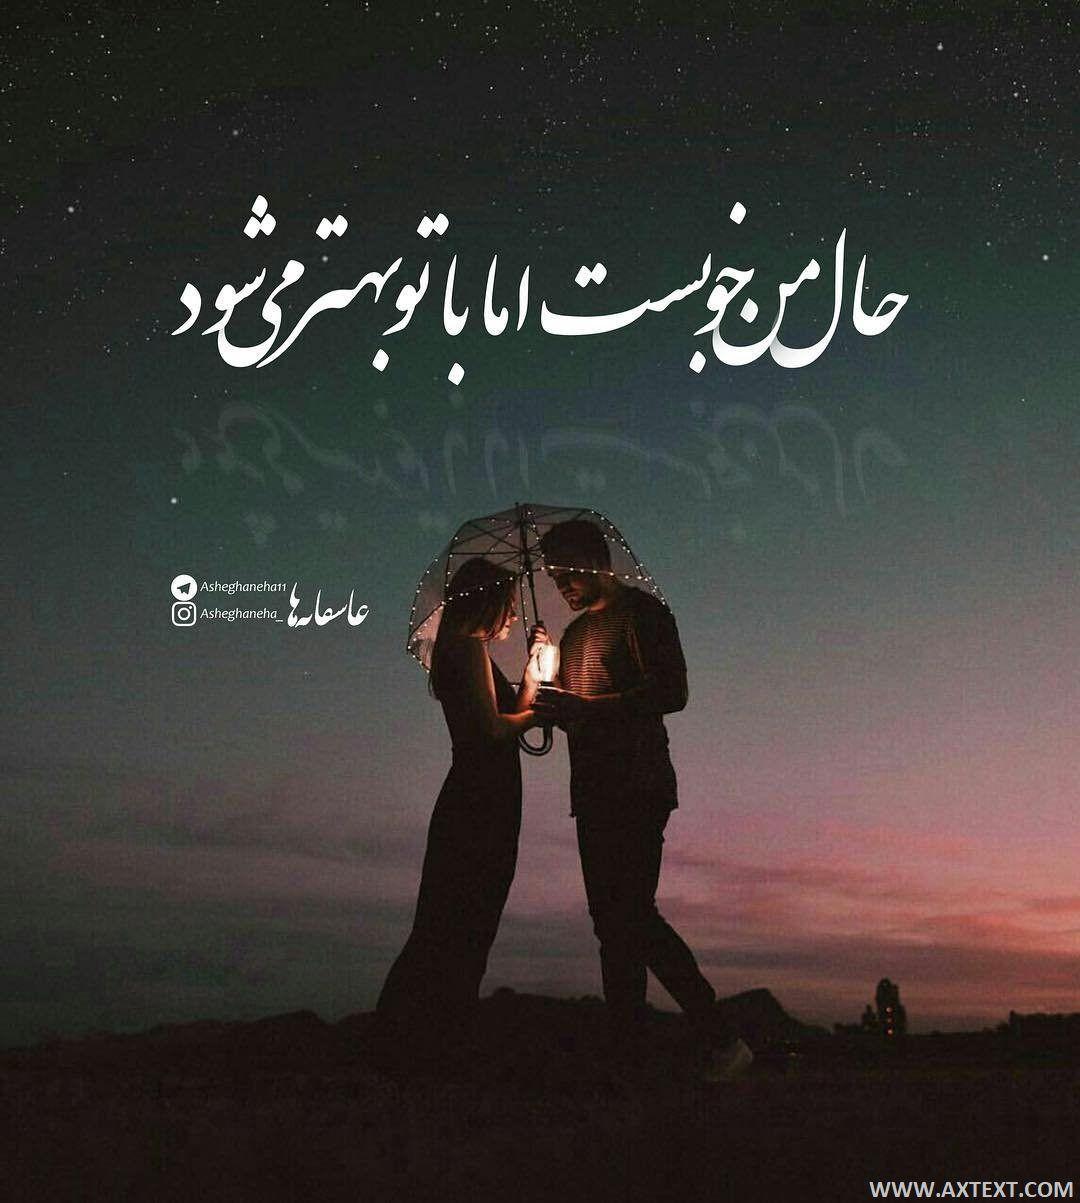 عکس نوشته عاشقانه حال من خوب است اما با تو بهتر می شوم In 2021 Persian Poem Calligraphy Drawings Of Friends Persian Quotes